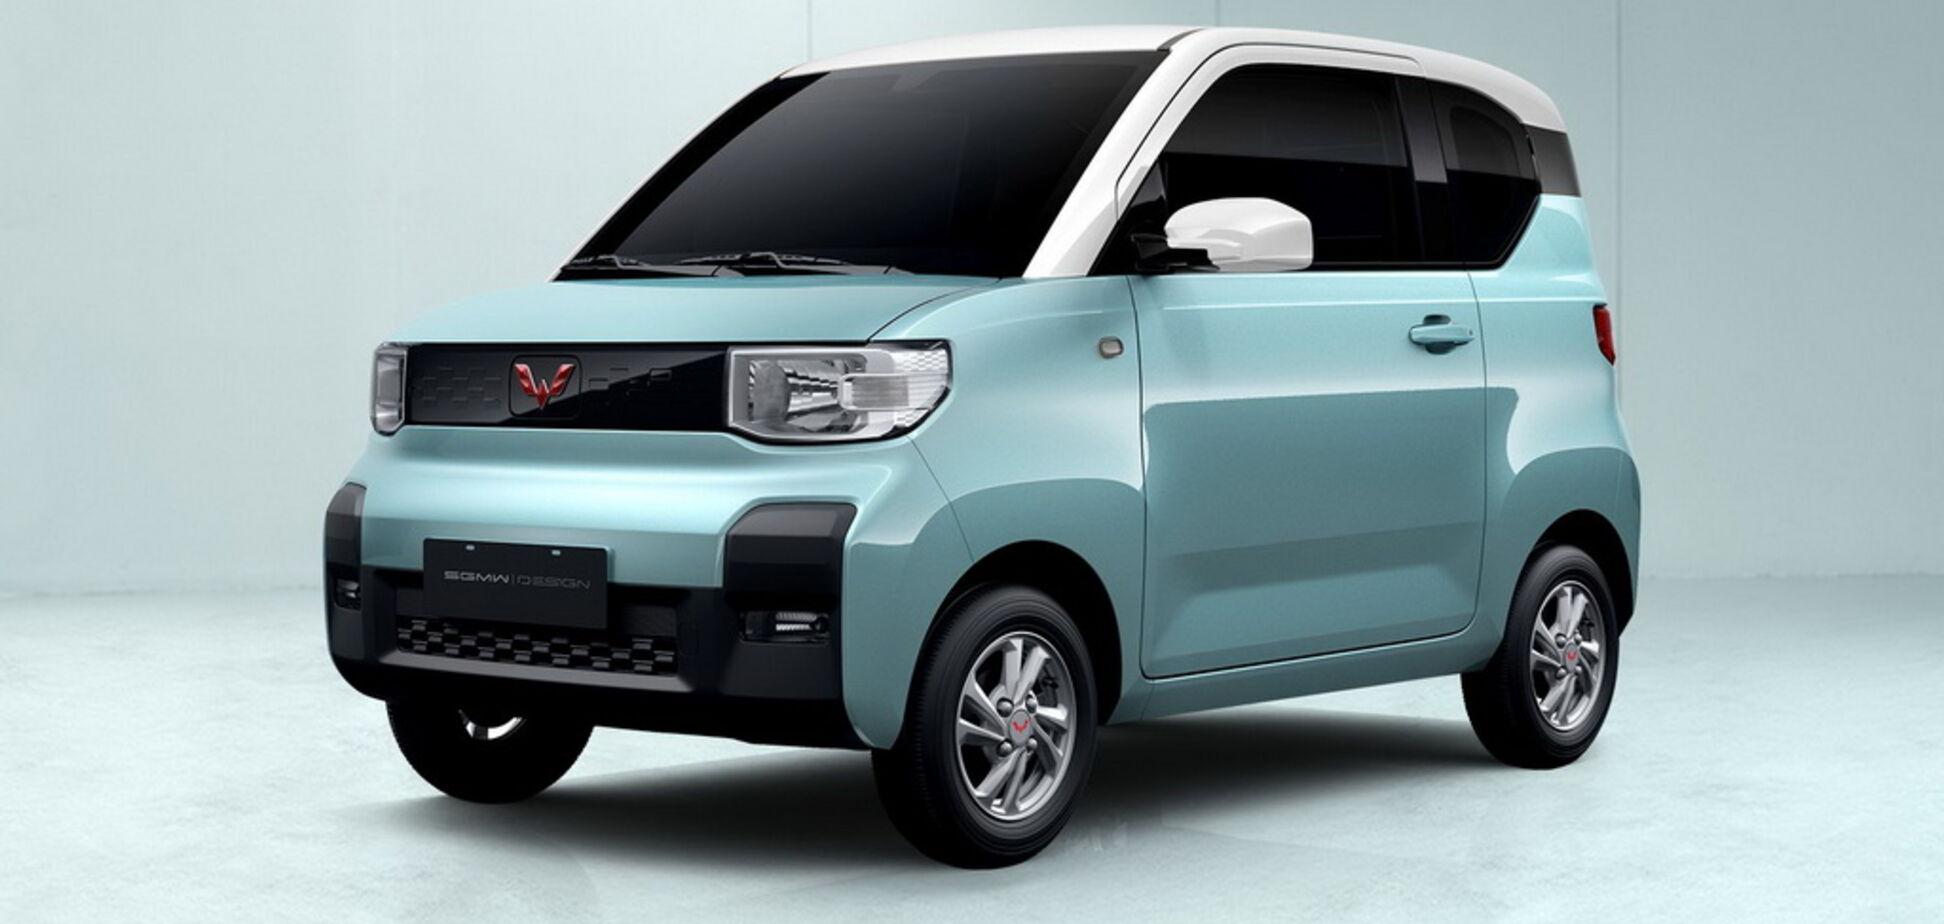 Буде дешево: GM представив маленький електромобіль